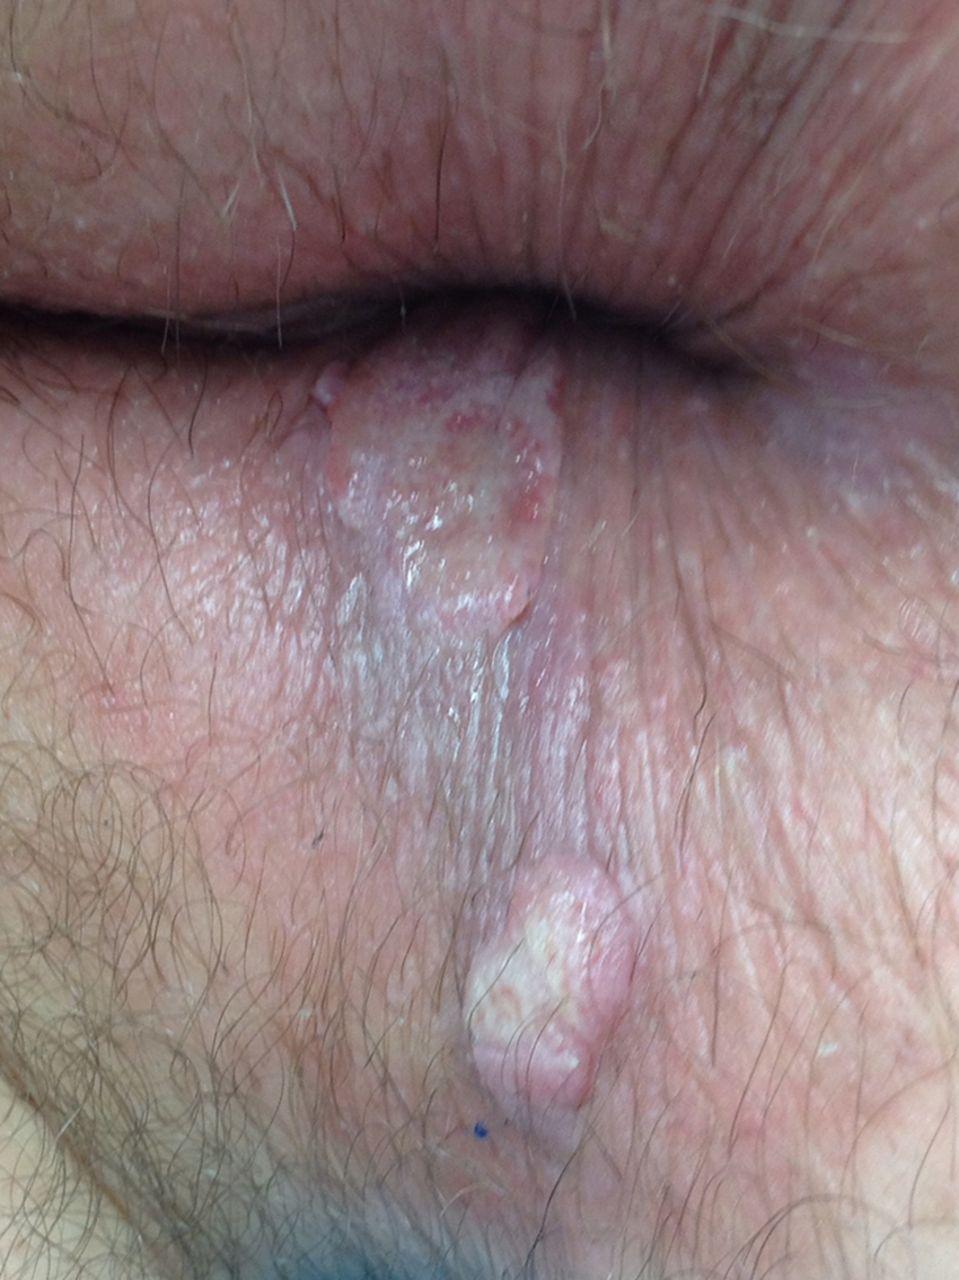 Genital picture vulva wart